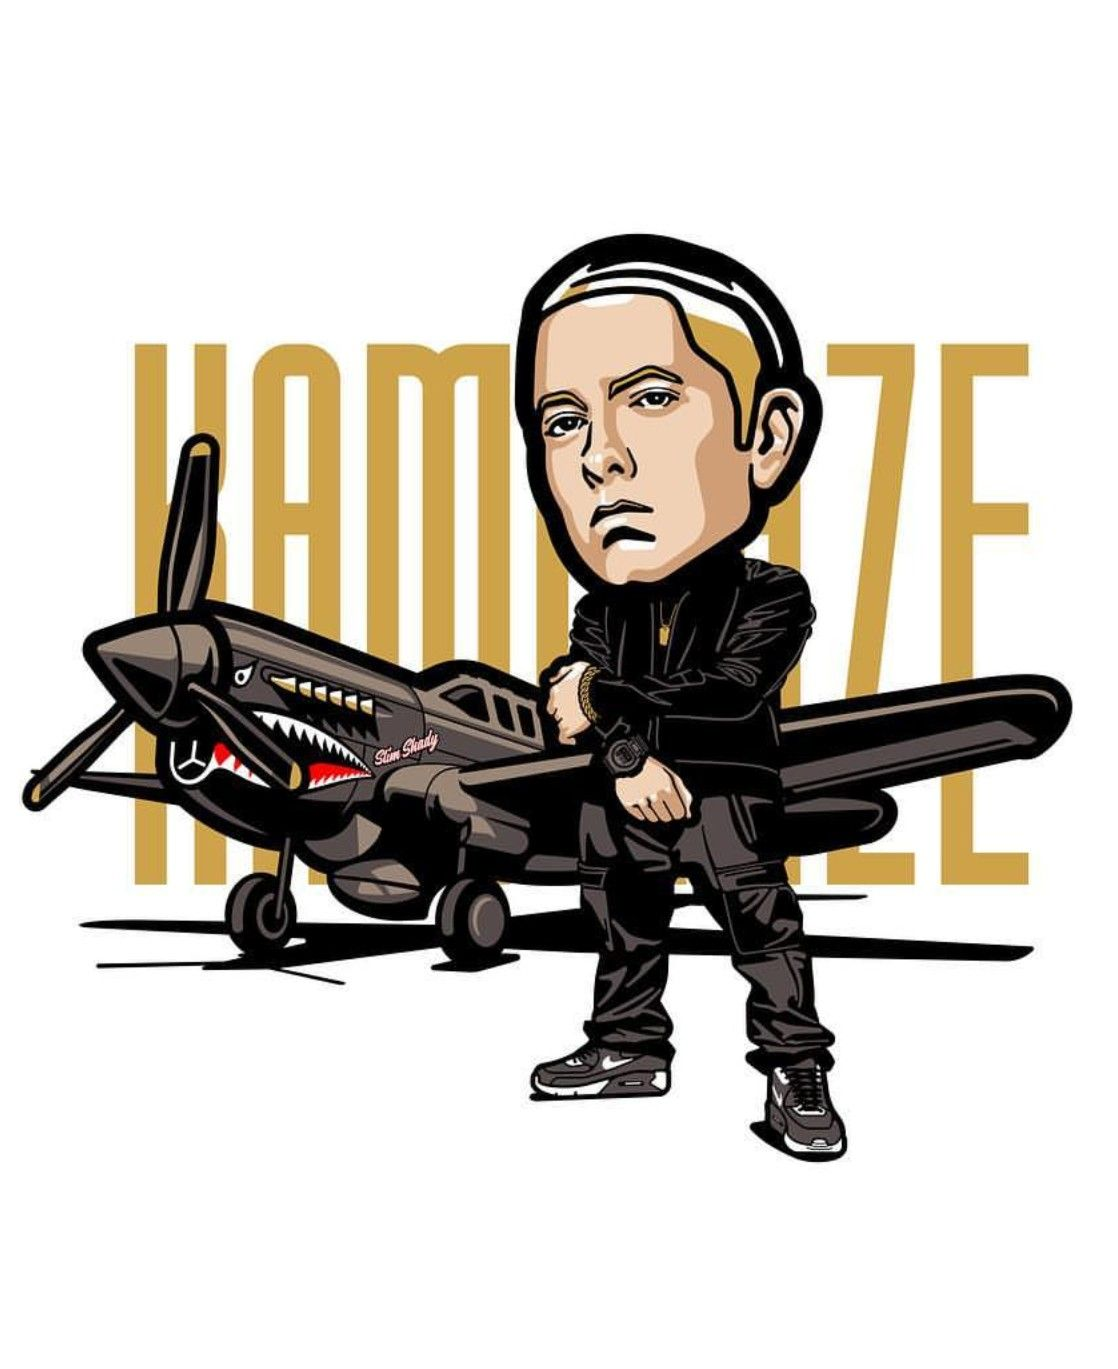 Eminem Kamikaze Eminem Wallpapers Eminem Funny Eminem Poster